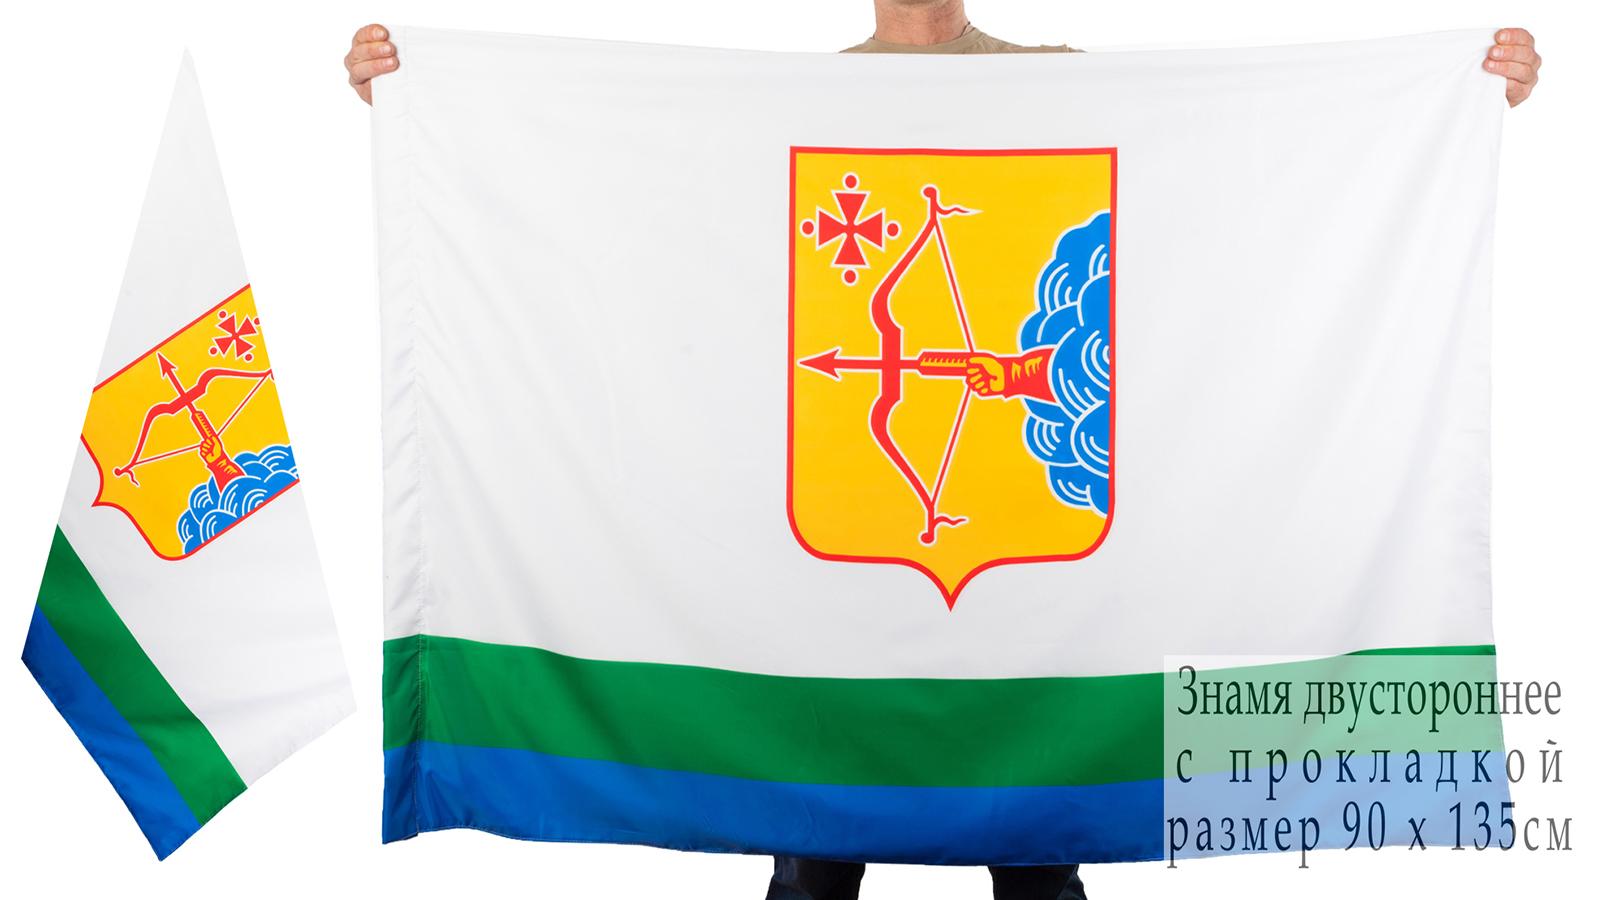 Двухсторонний флаг Кировской области